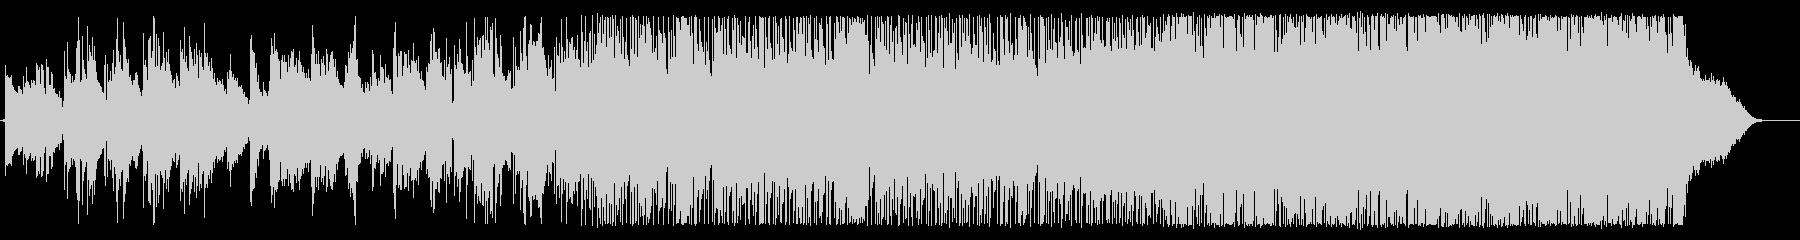 電子的要素とライブドラムを備えたナ...の未再生の波形